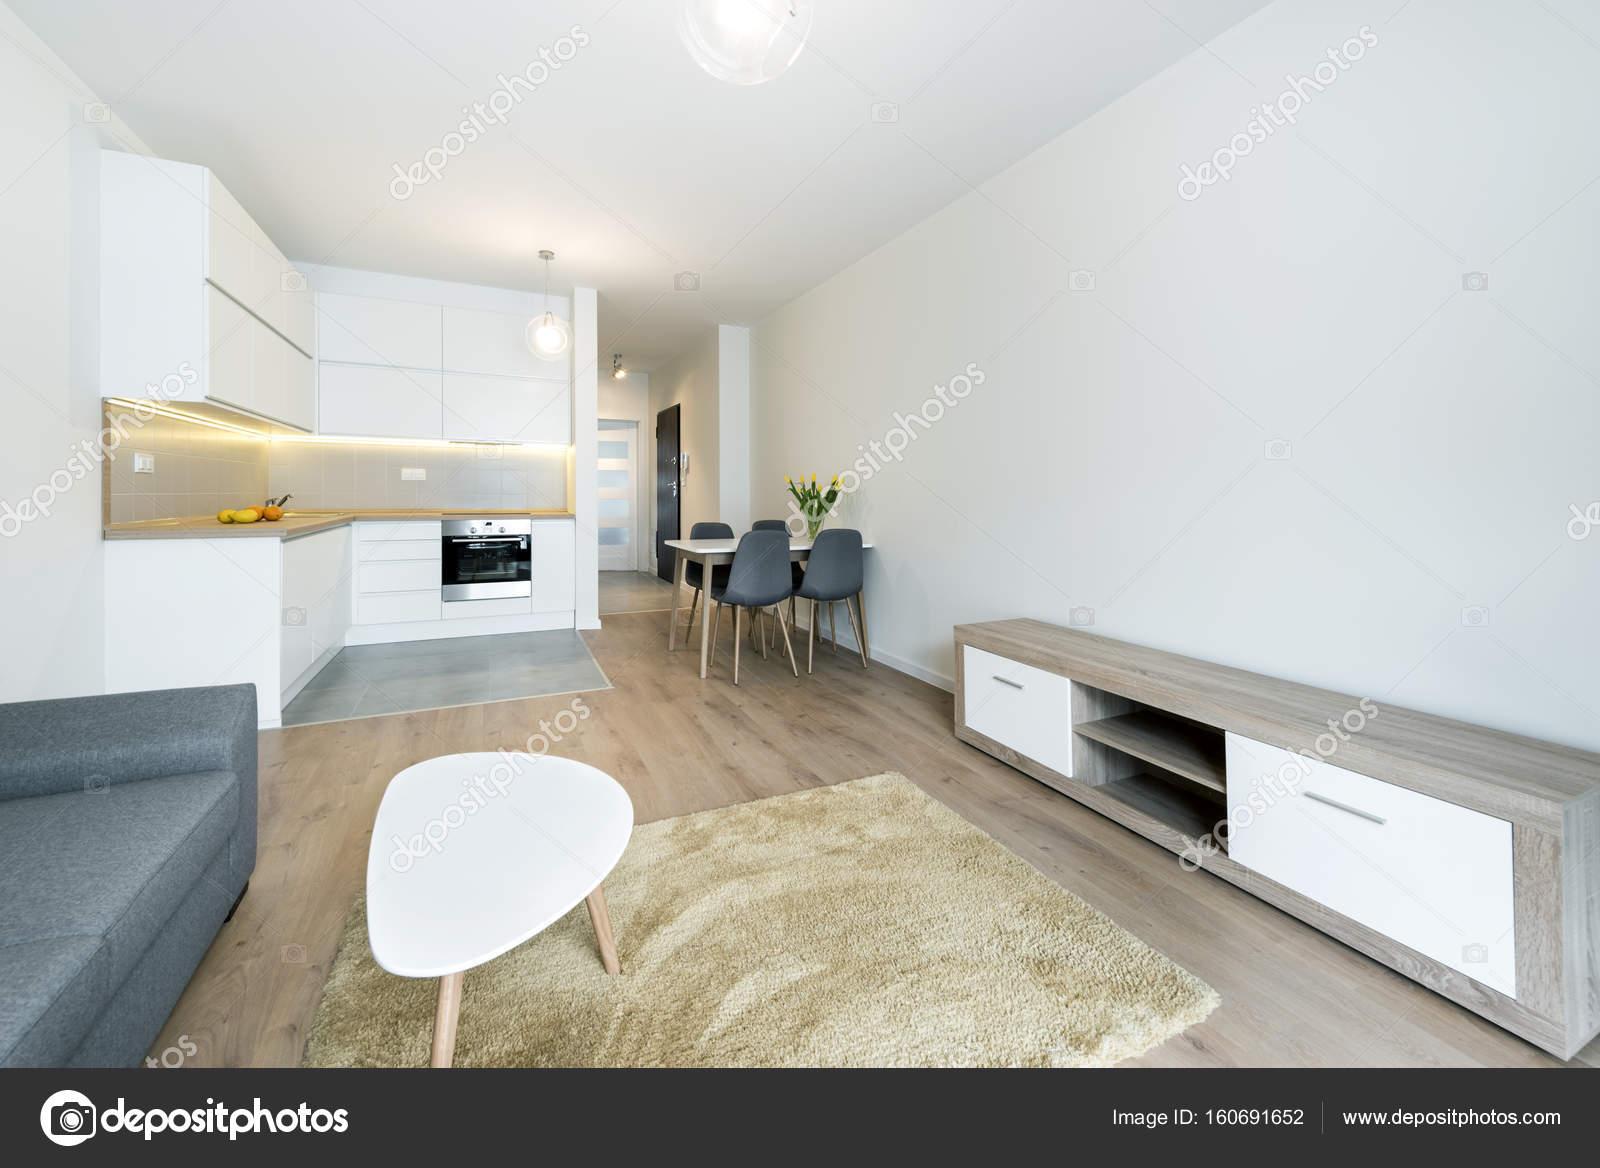 moderne woonkamer en keuken — Stockfoto © jacek_kadaj #160691652